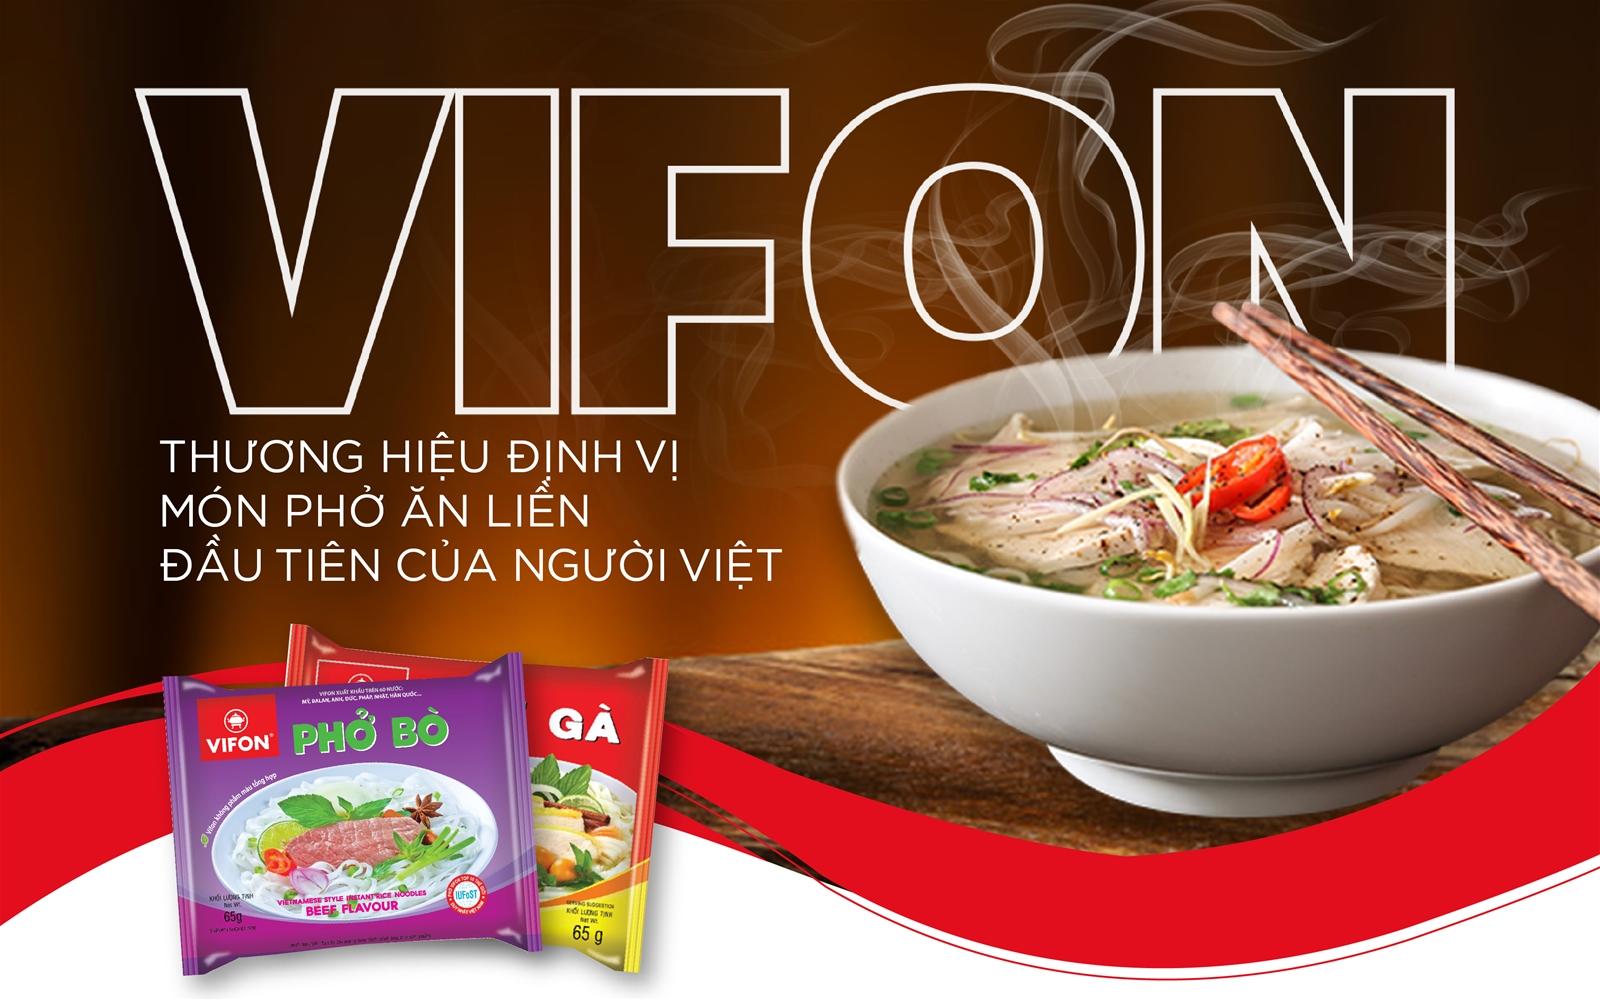 VIFON: Thương hiệu định vị món phở ăn liền đầu tiên của người Việt